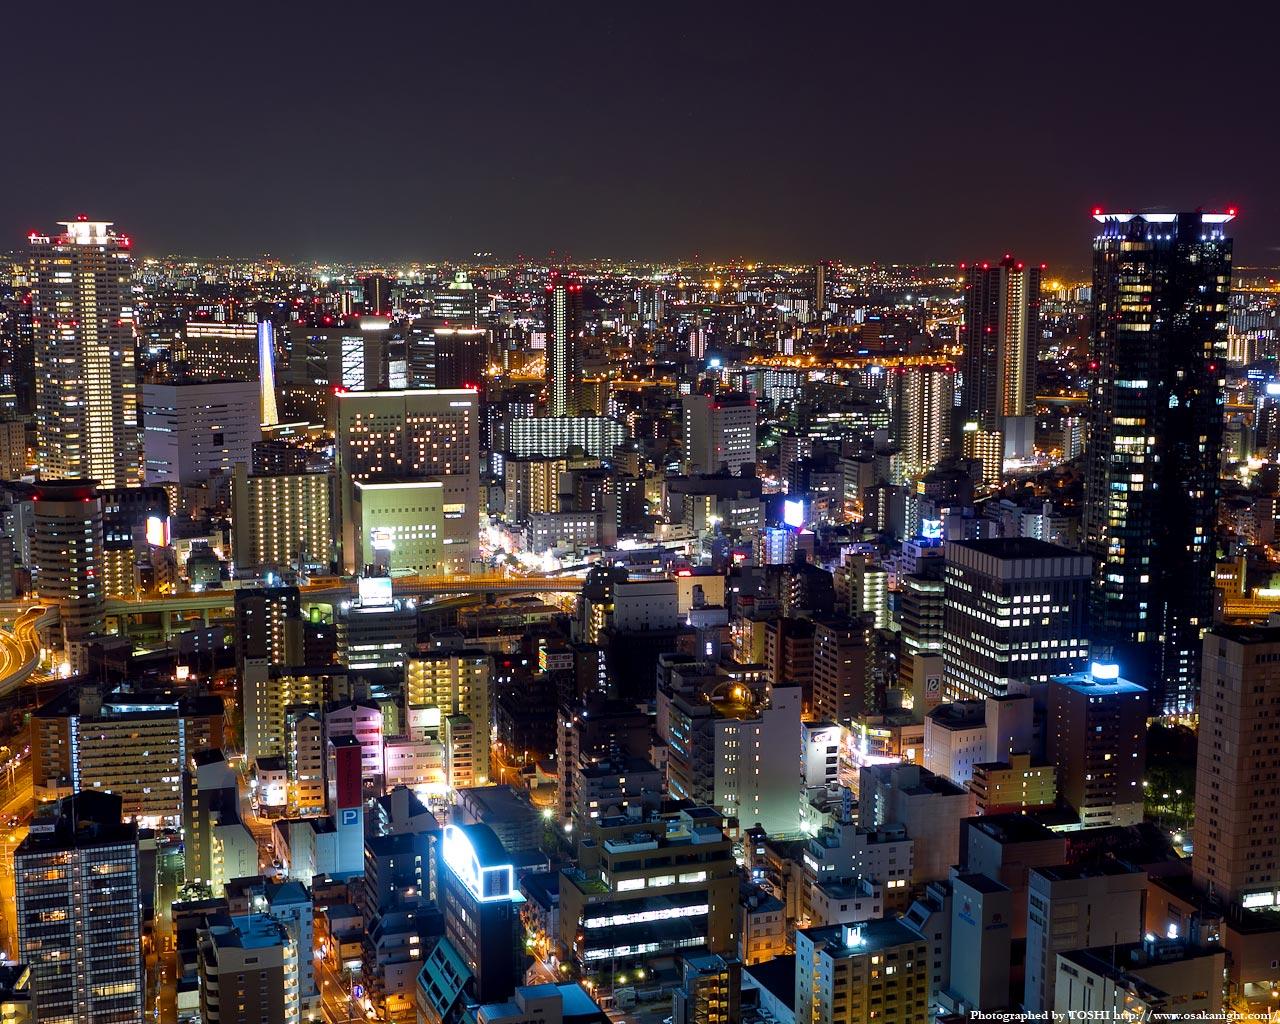 中之島西部地区〜福島駅周辺の夜景